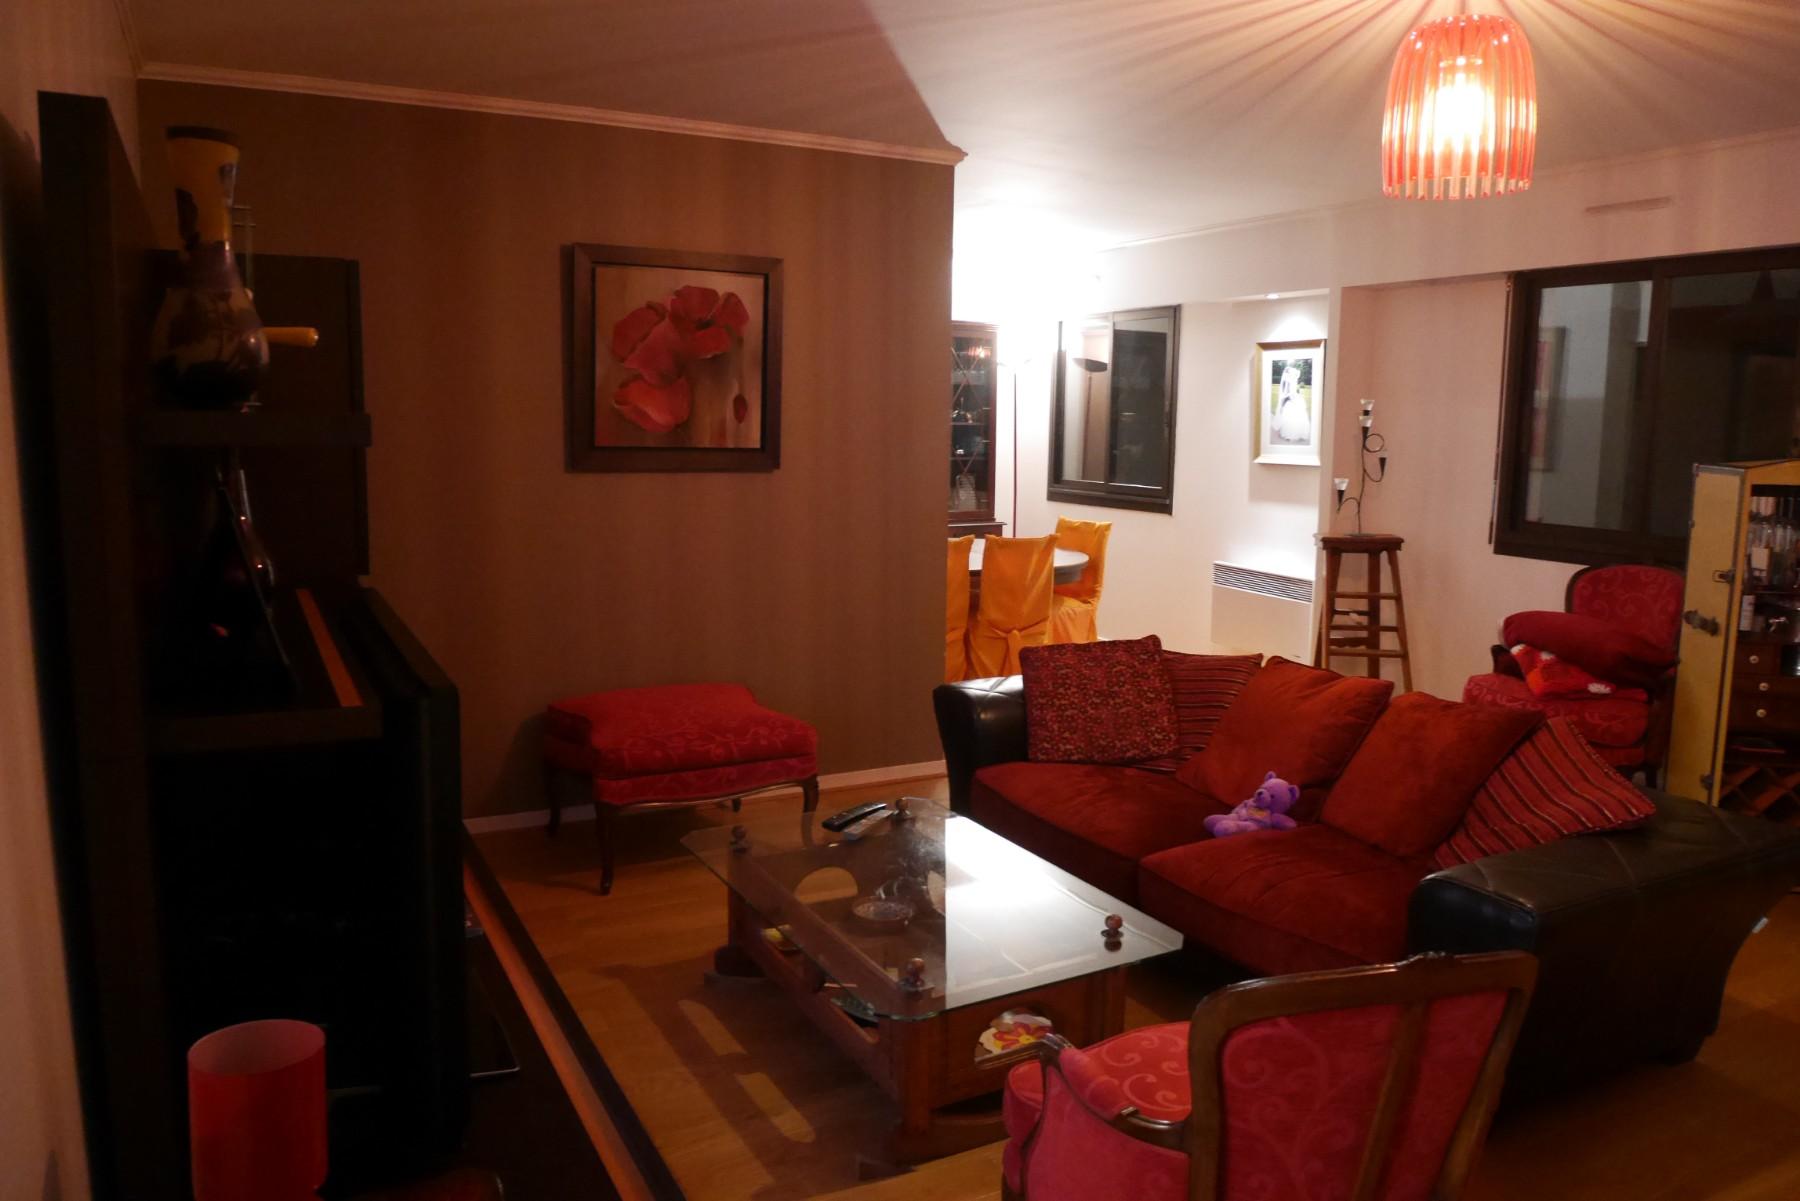 Le salon et la salle à manger avant les travaux de rénovation par les architectes Archibien